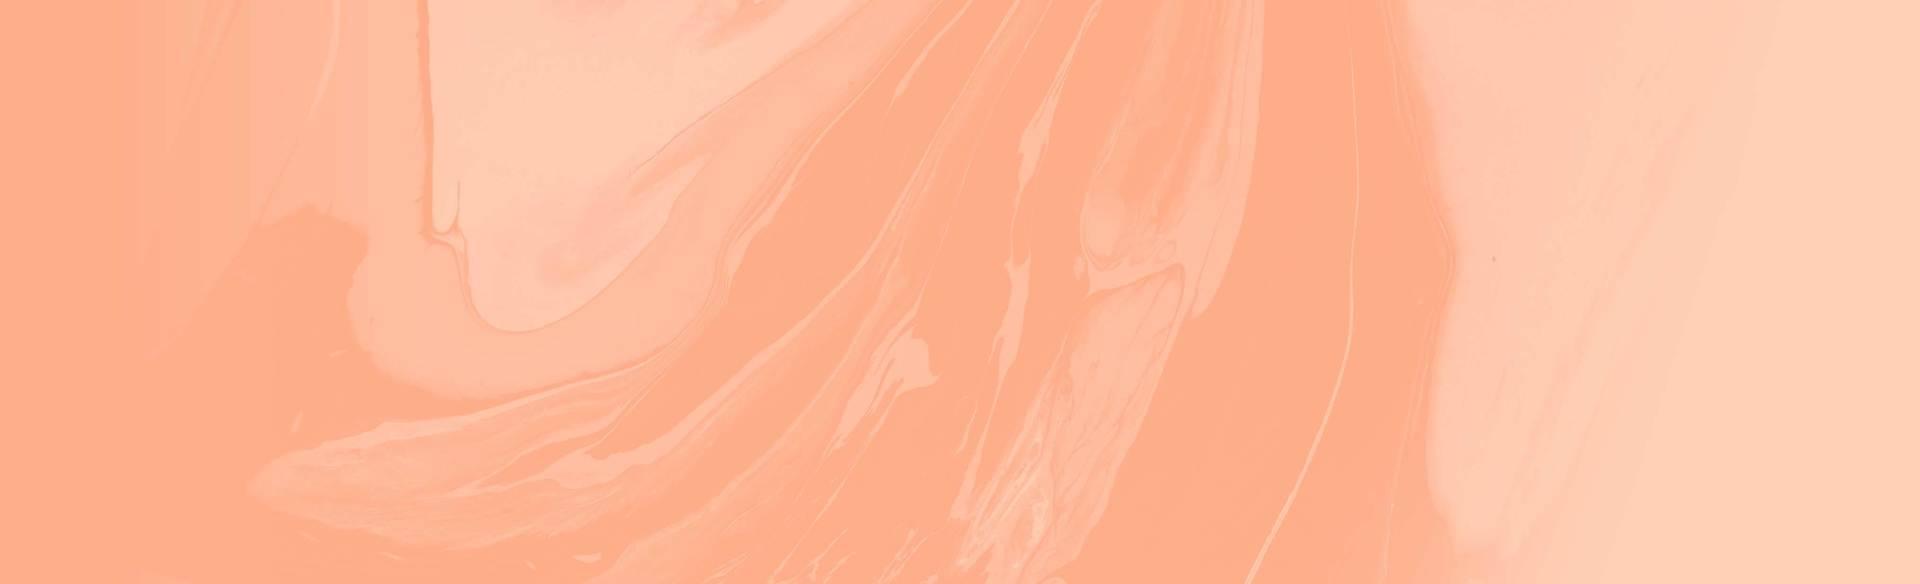 5bbb99ff2b8b99de7fd28a85 5bba97a06b929f911a6e518f texture signup bg 2x